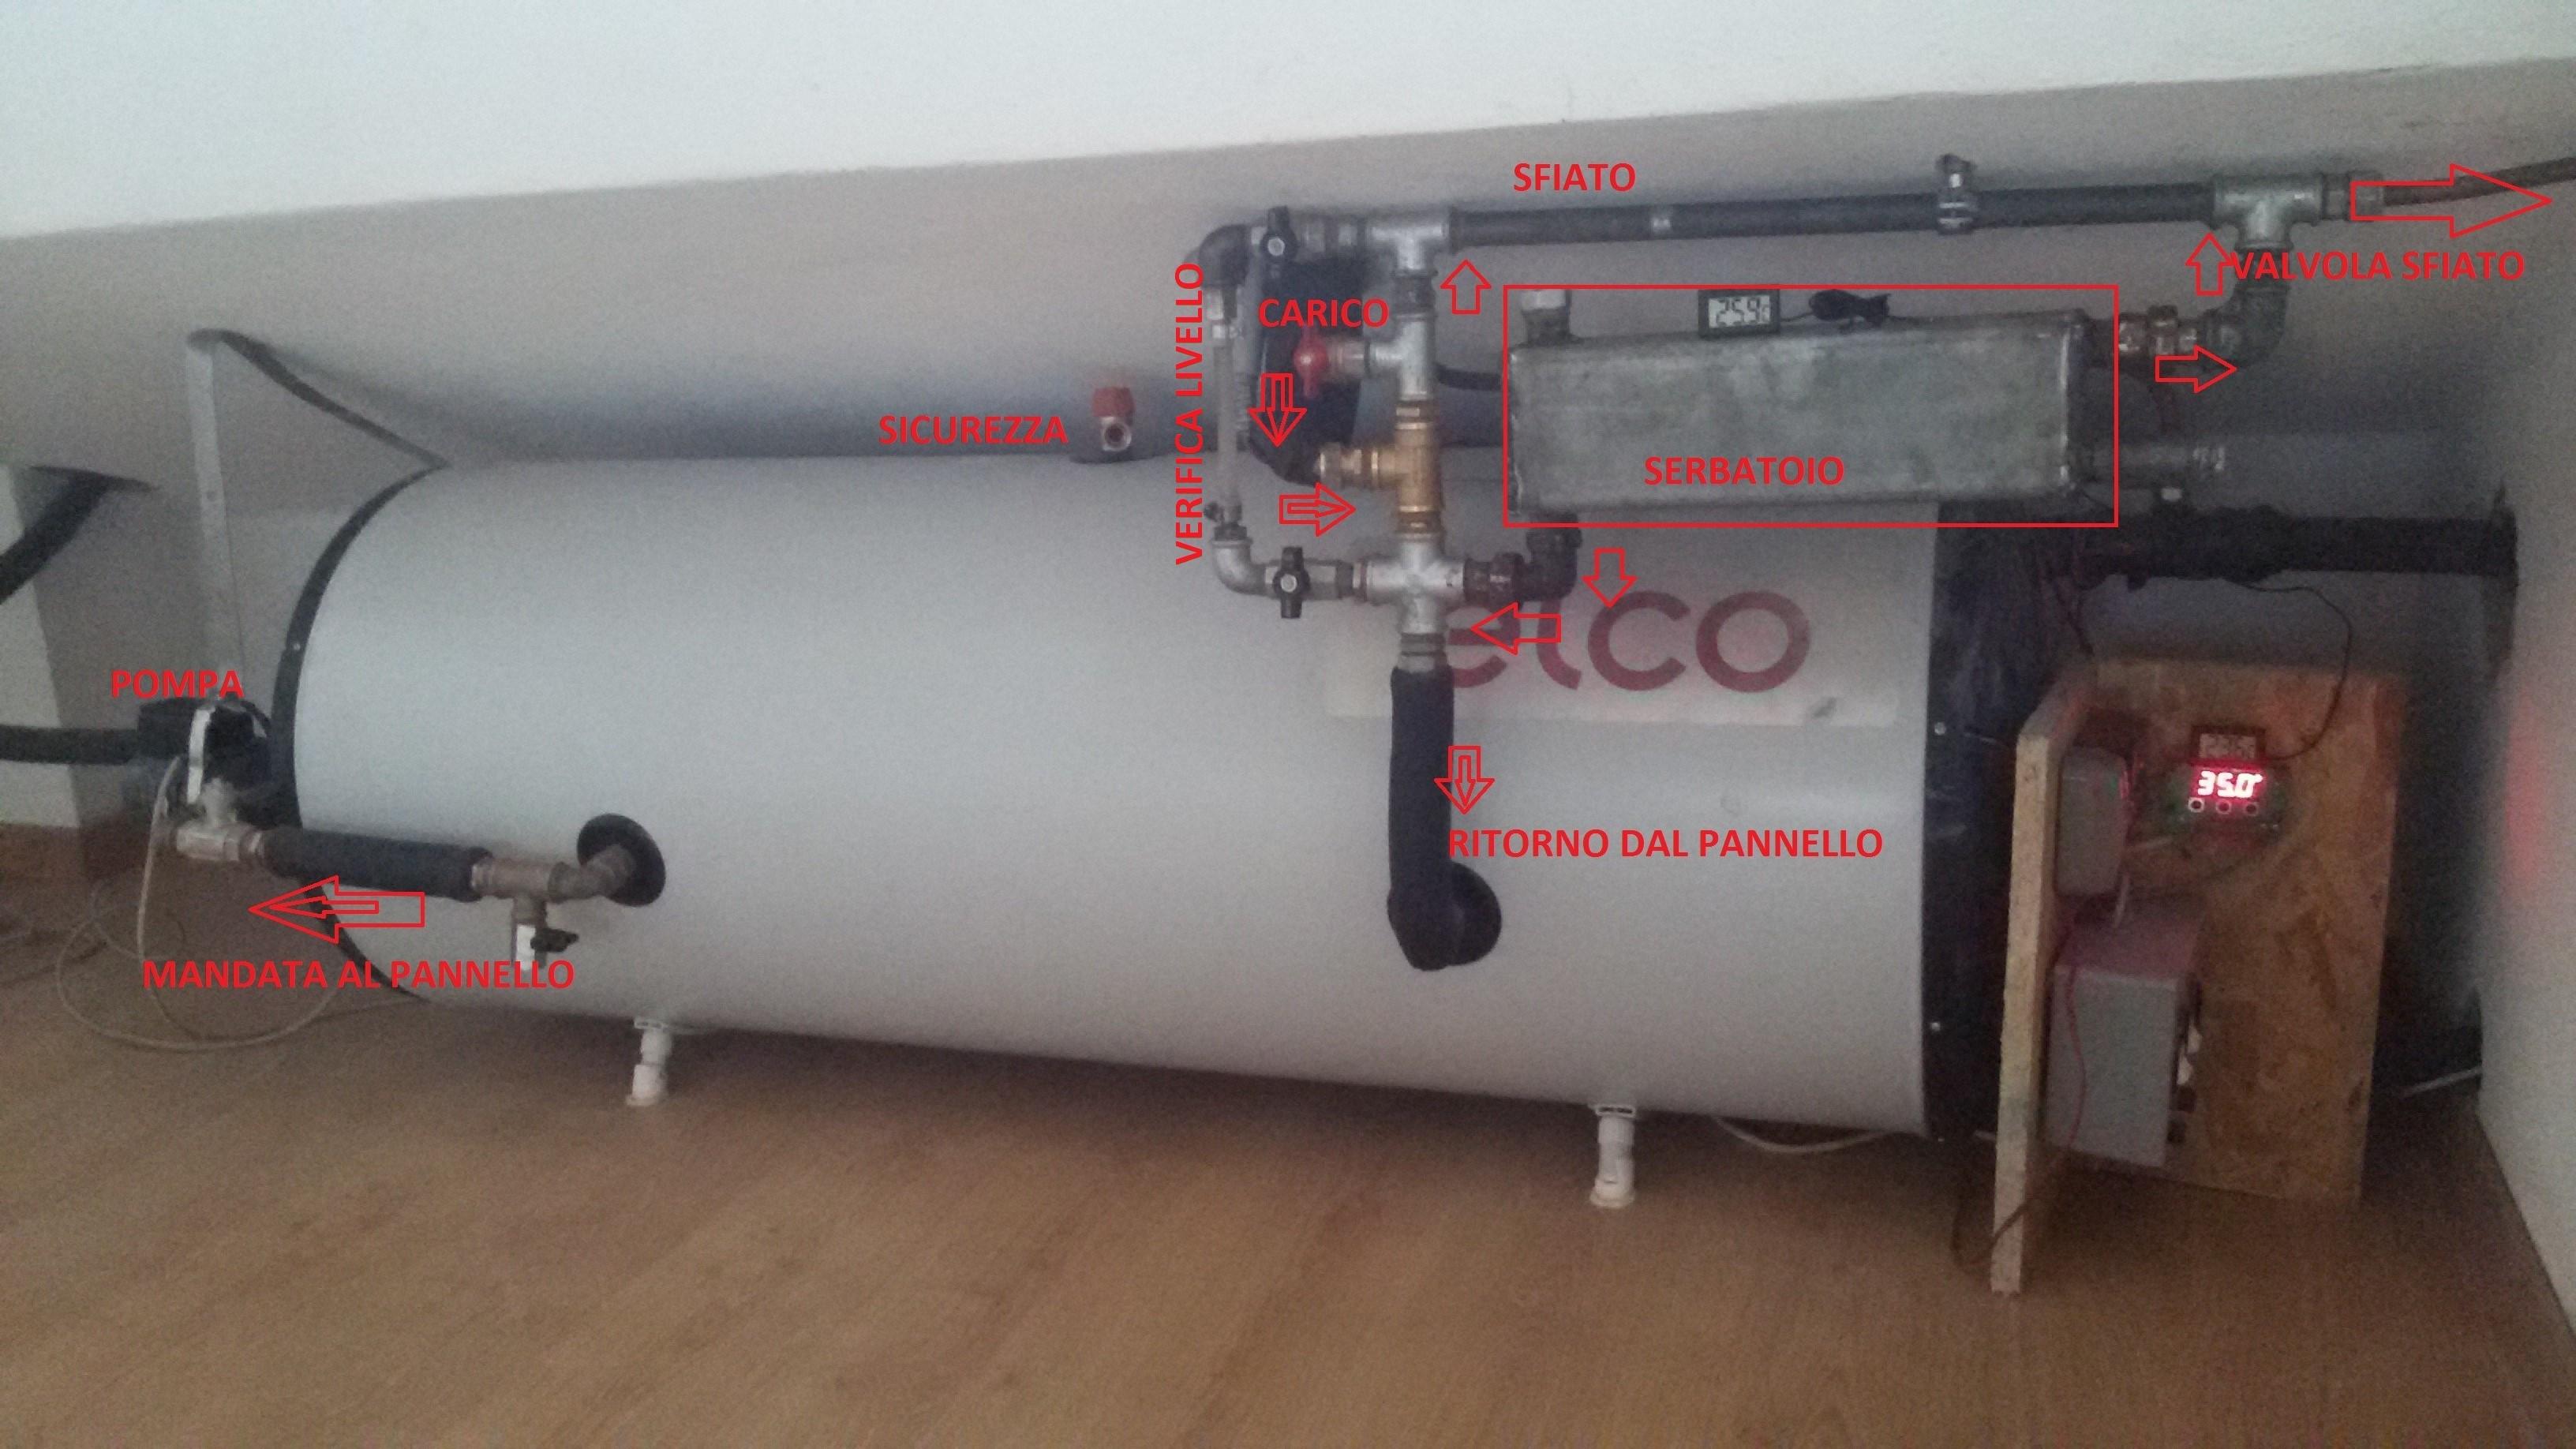 Impianto termosolare fai da te a svuotamento pagina 4 for Schema impianto solare termico fai da te